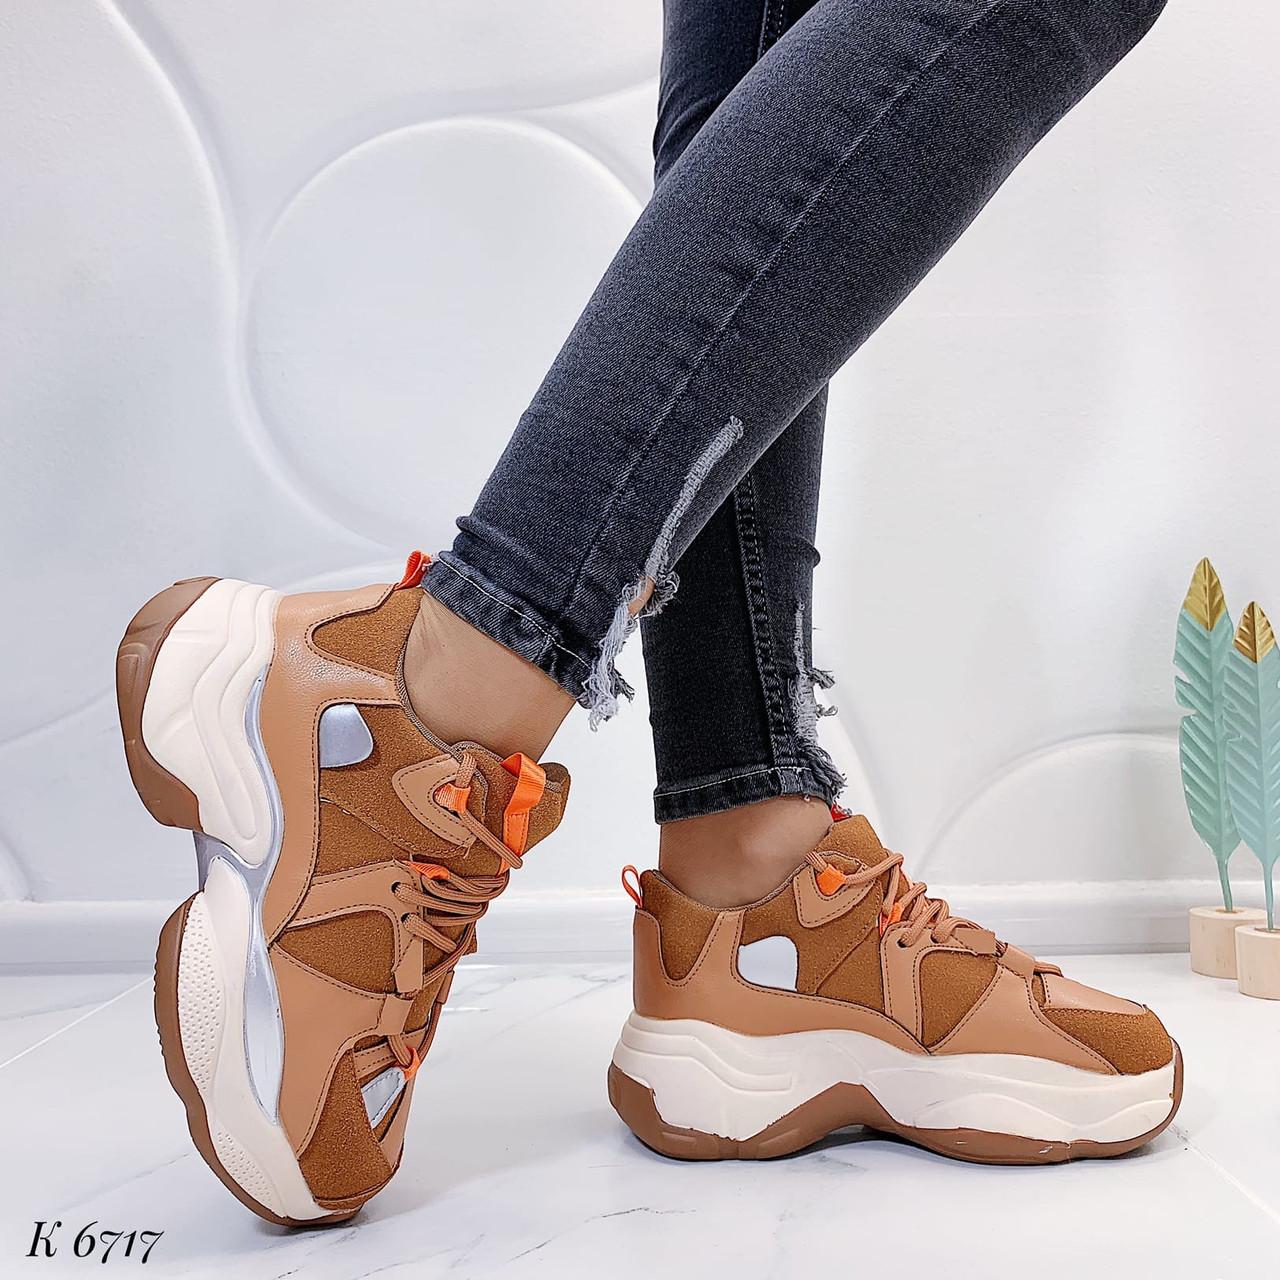 Женские кроссовки коричневые эко-замш + эко-кожа